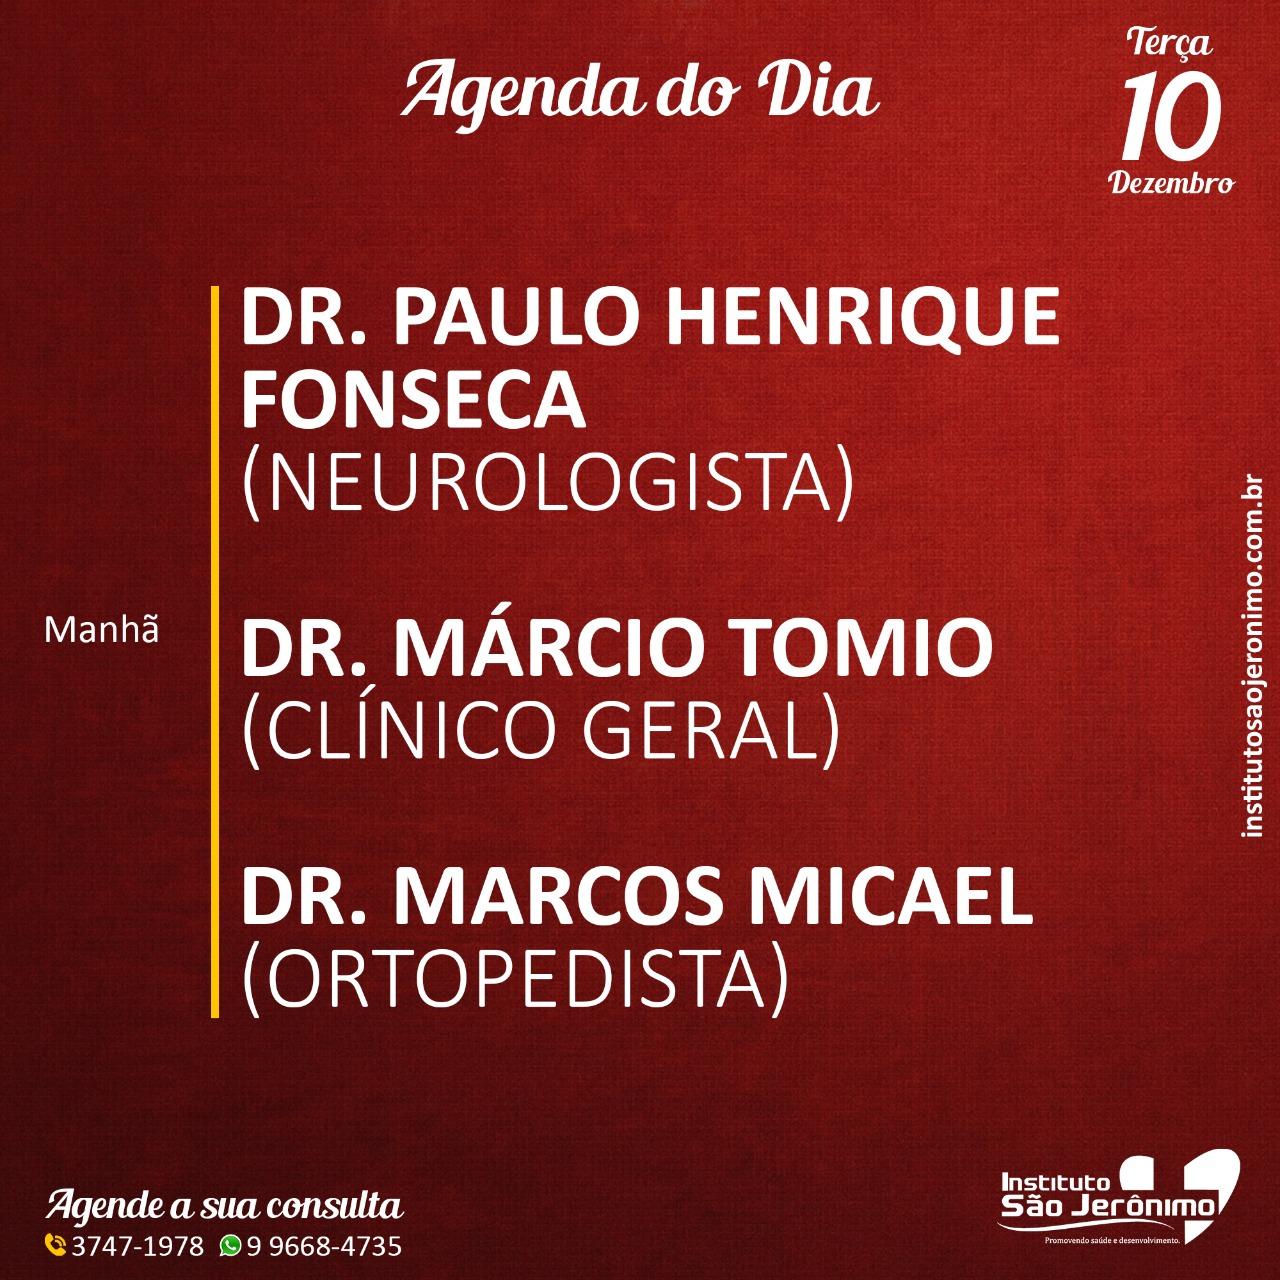 Agenda do Dia, Instituto São Jerônimo